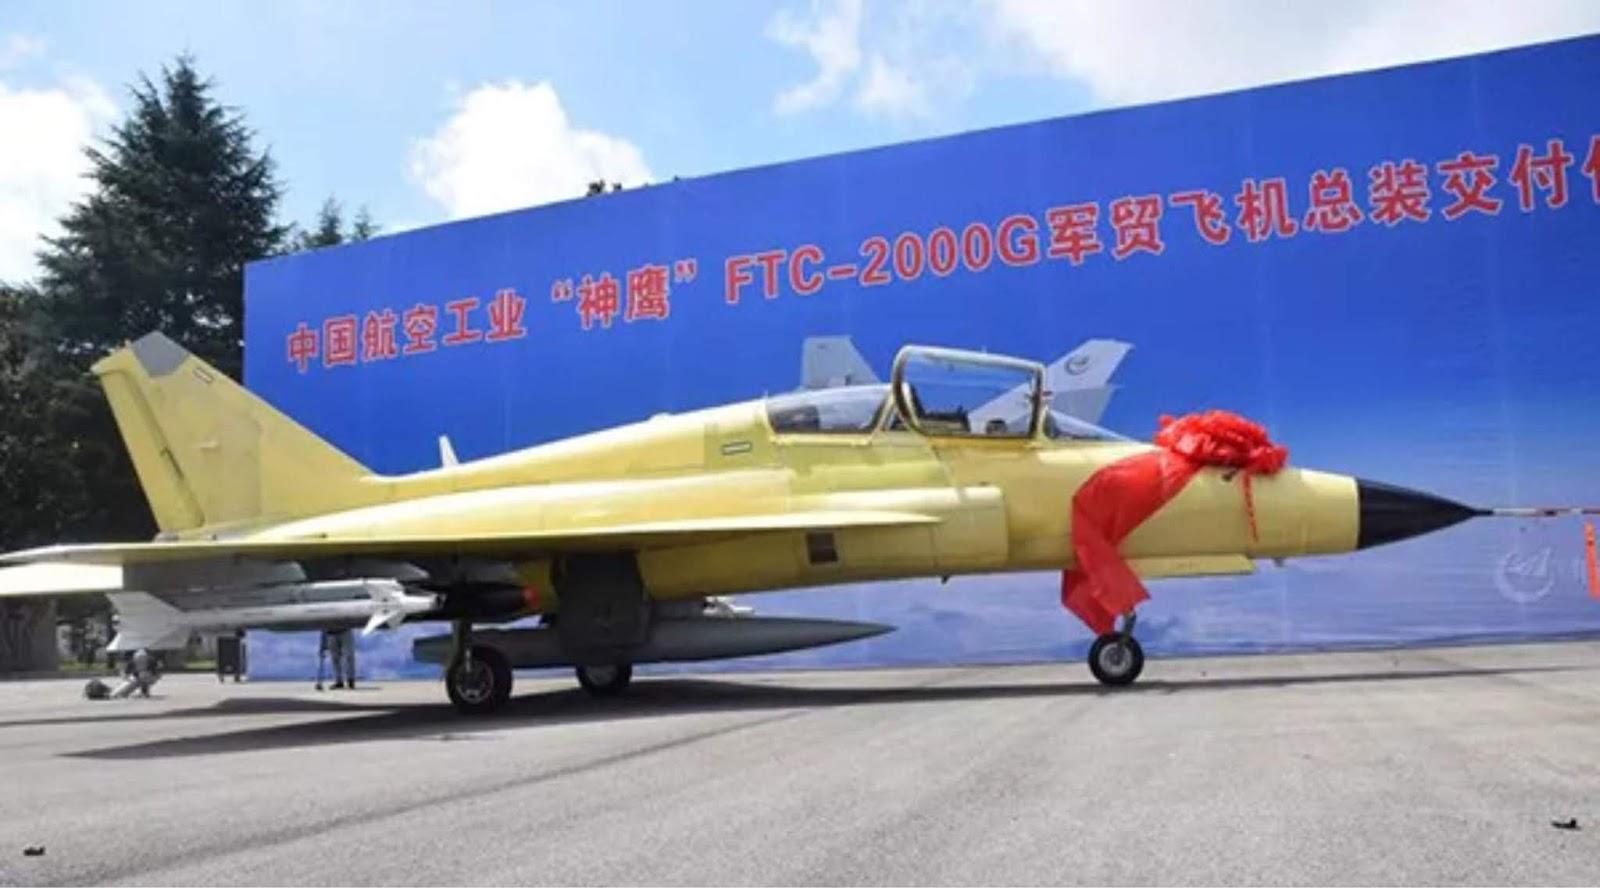 China menghadirkan pesawat tempur multifungsi FTC-2000G